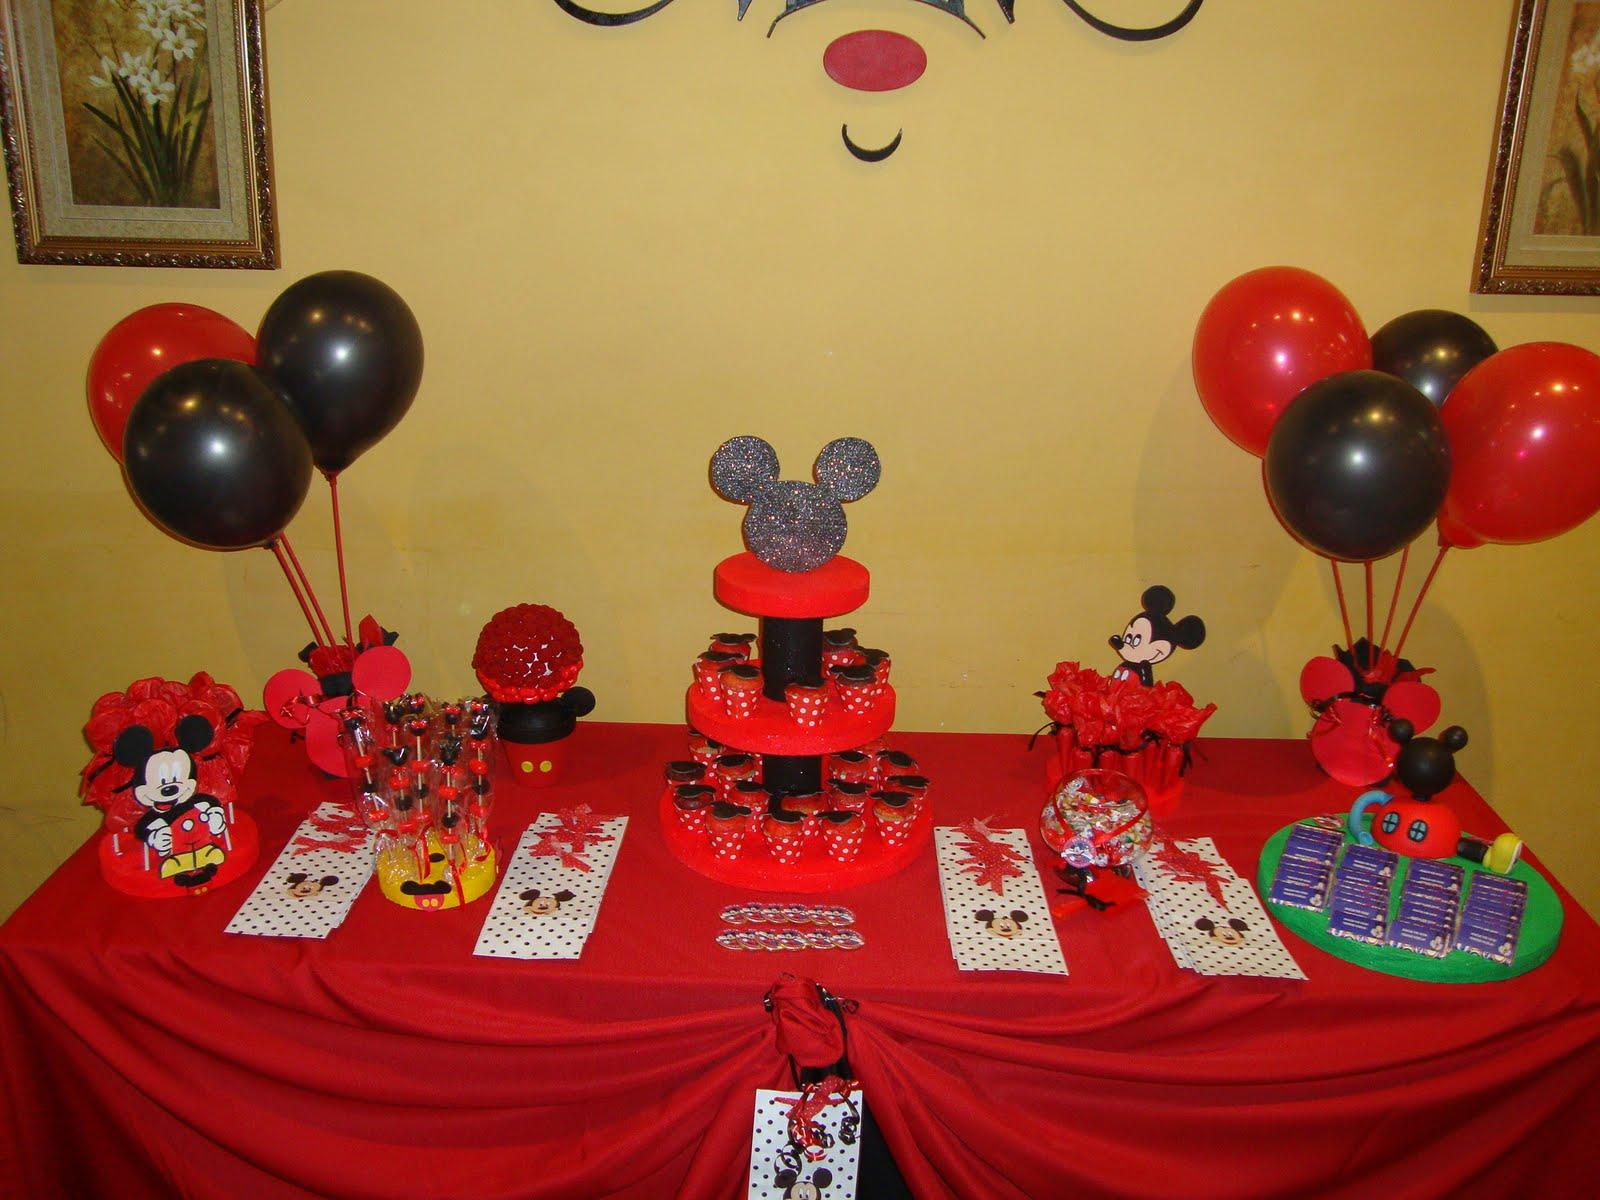 Mickey Mouse Decoraciones Para Fiestas ~ DE DECORACIONES DE FIESTAS INFANTILES LA CASA DE MICKEY MOUSE JPG